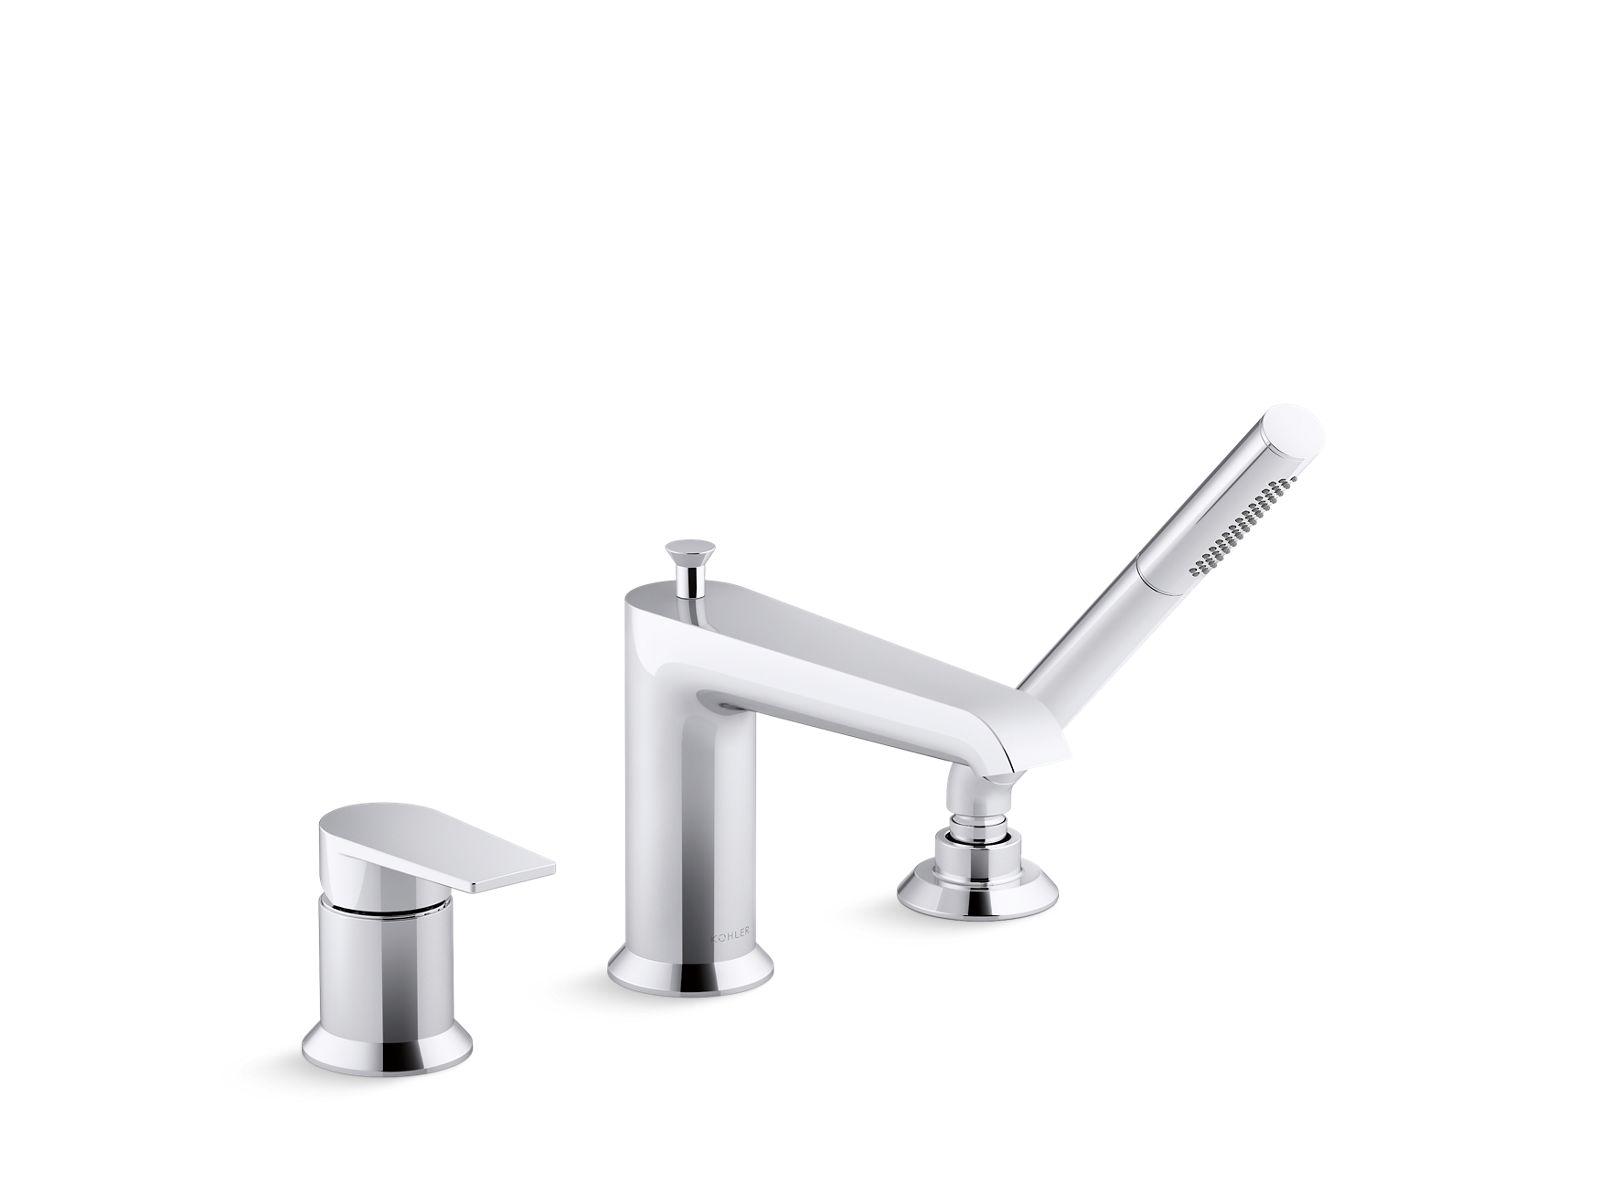 k 97070 4 hint deck mount bath faucet kohler